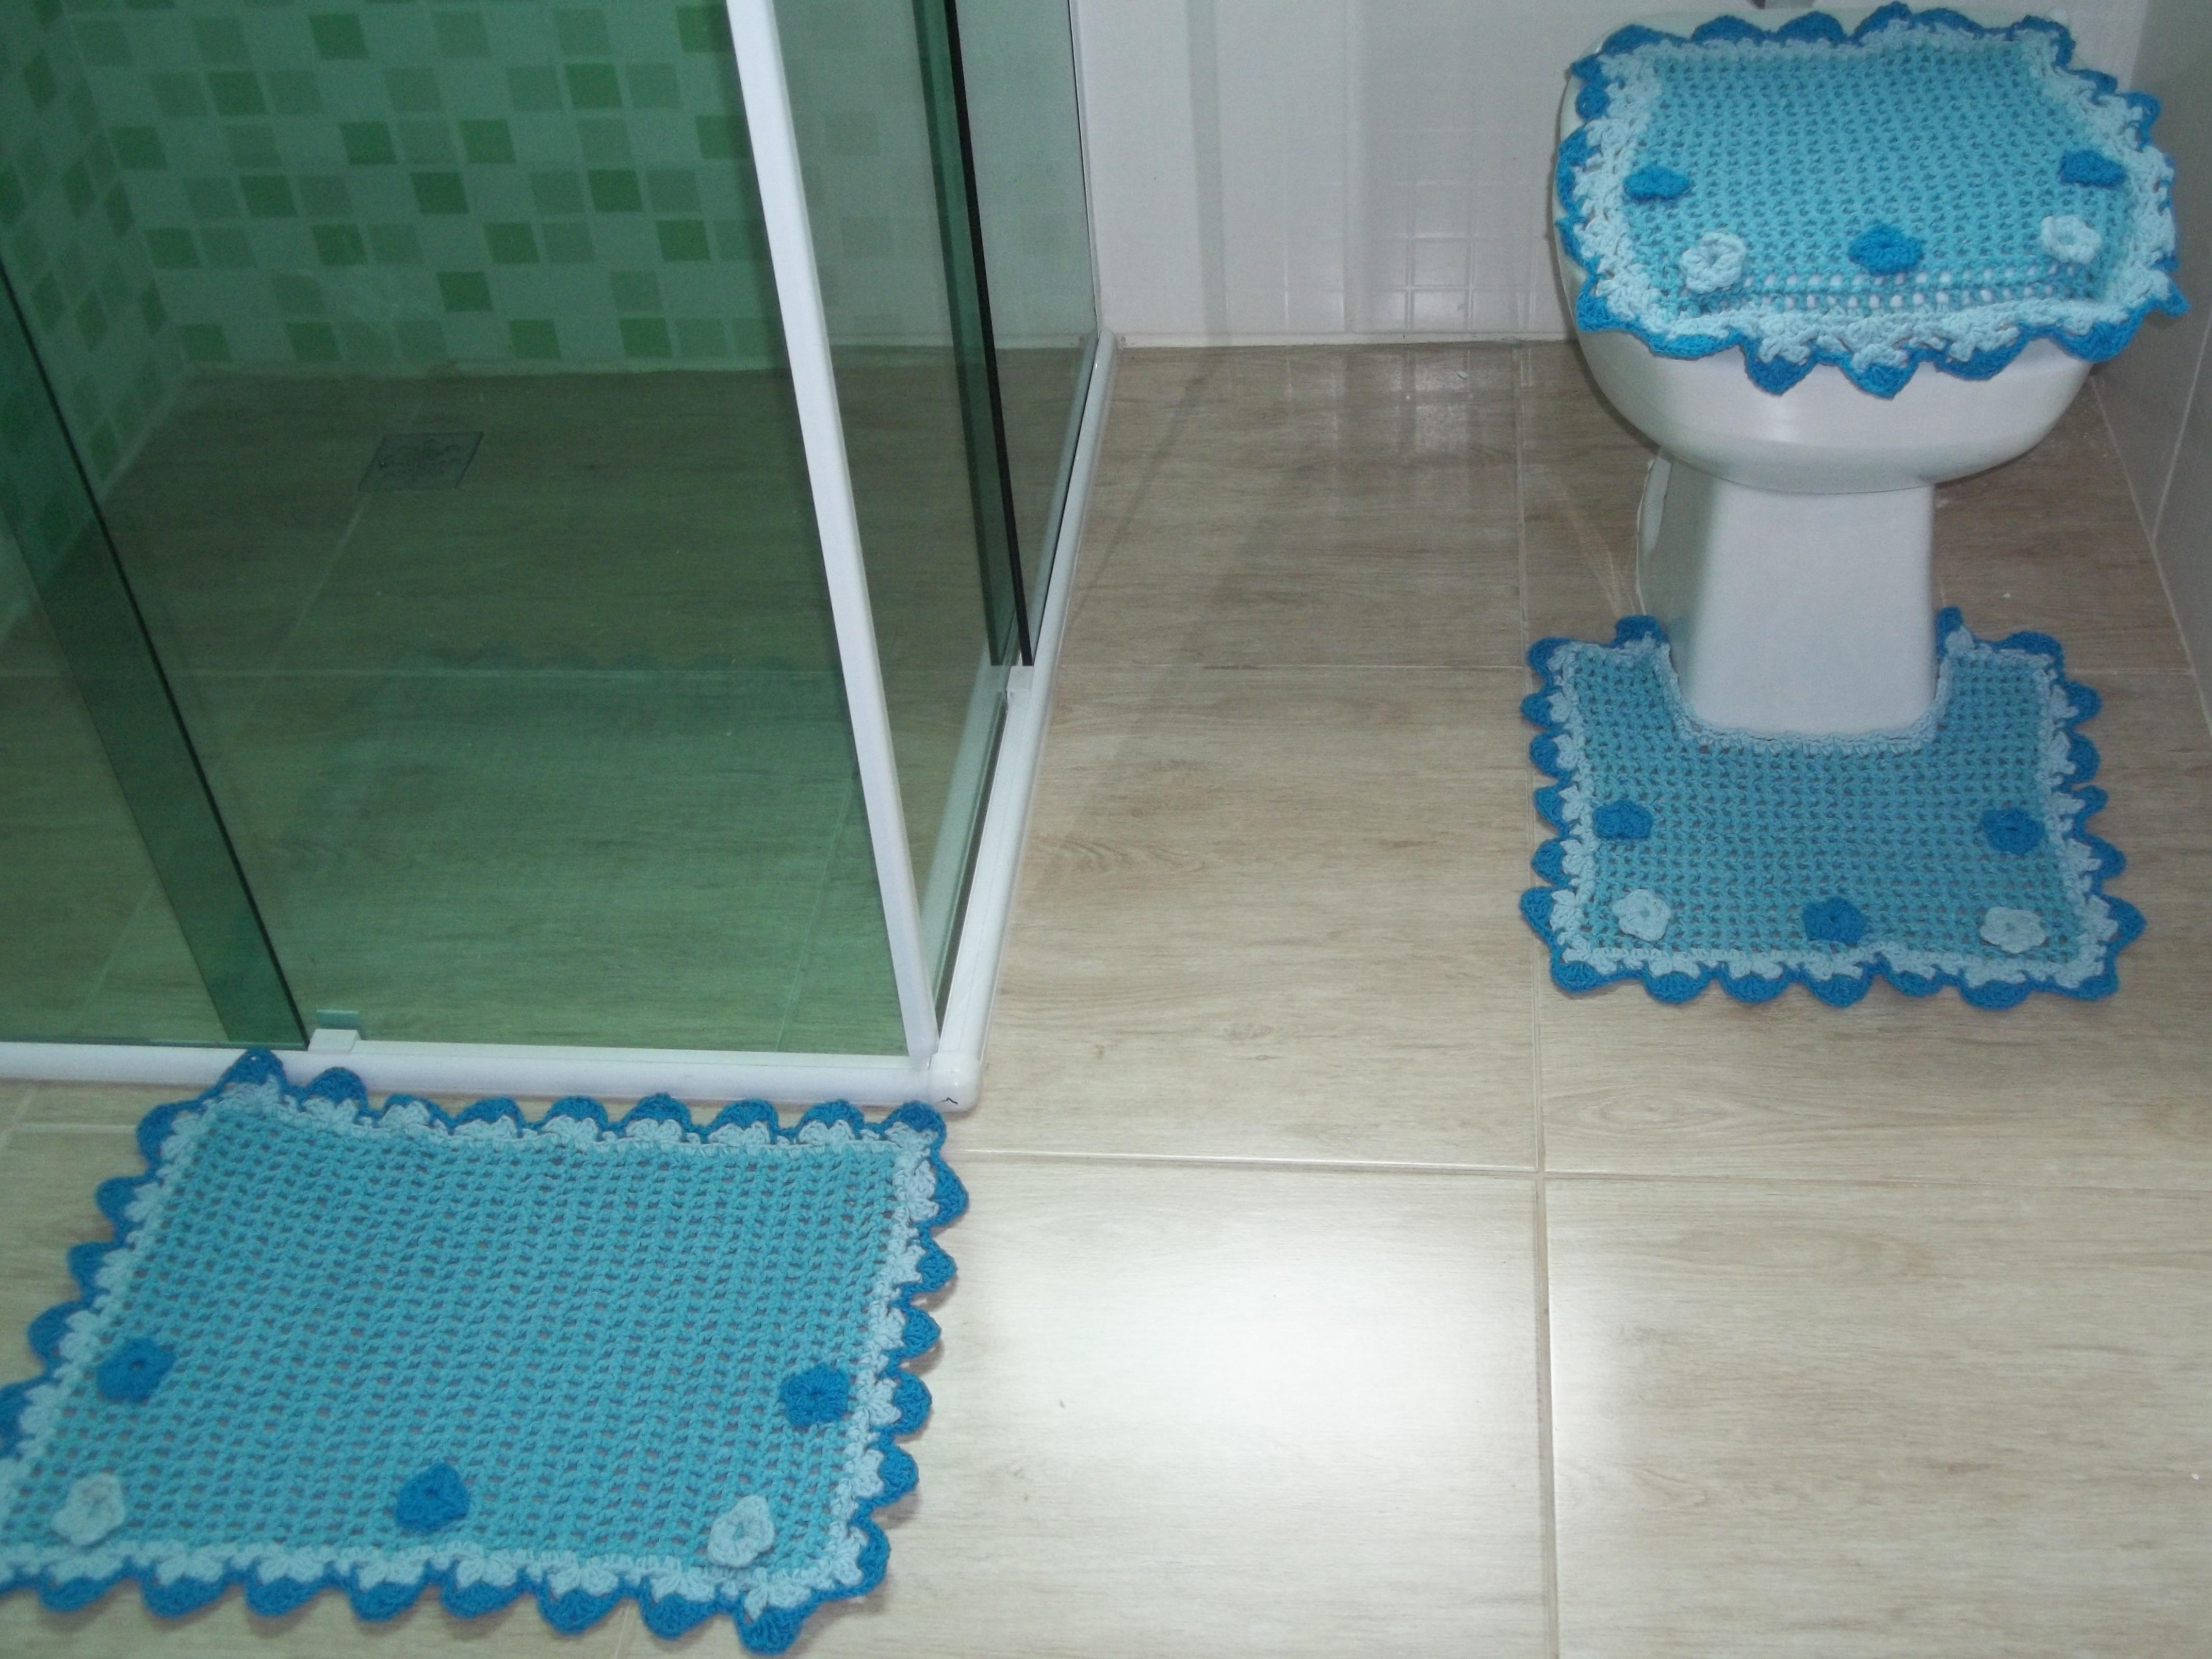 banheiro flor azul barbante tapete banheiro barbante jogo de banheiro  #397F92 4288x3216 Banheiro Cor Azul